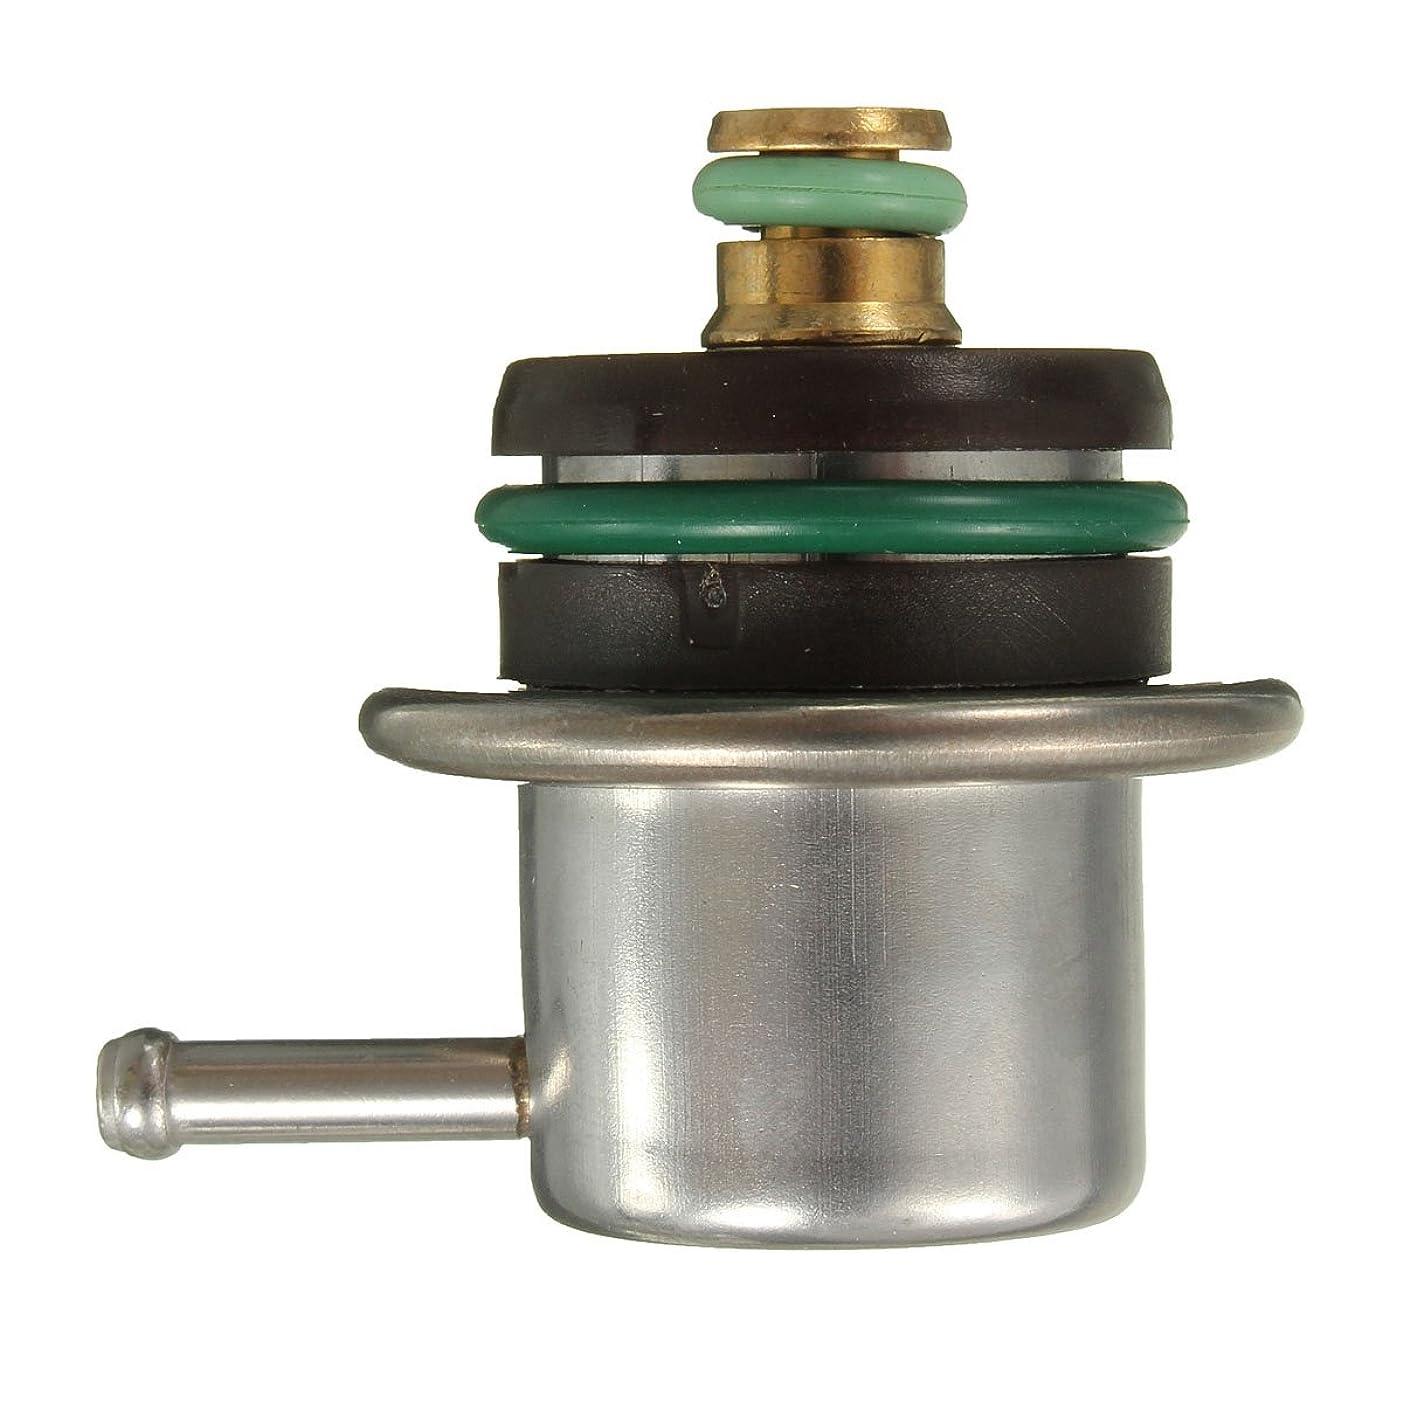 面白い統治可能非難するGE-PRO イニシャルアジャスター 22mm ゴールド アルマイトコーティング 精密加工 適合車種 (HONNDA)CBR1000RR(04-07) CBR600RR(05-06) CBR929RR CBR954RR(02-03) VTR1000SP-1?SP-2(00-06) RVF750 RVF400 (SUZUKI)GSX-R600(04-06) GSX-R750(96-06) RGV250γ(90-95)、 RGVγ250SP(96)(KAWASAKI)ZX6R(05) Z1000(04-06) ZXR400R(91) ZXR400 ER-6f/n(06-10) NINJA650R(06-10) DUCATI)SuperSport750?800?900?1000 ?718?916?996 749?999?748 848?1098 ST4 Multistrada 1000DS?1100DS Monster900?1000?S4 (aprilia)TUONO RSV-Mille (BUELL)XB9R XB12R Firebolt (MV-AGUSTA)F4S(`02)